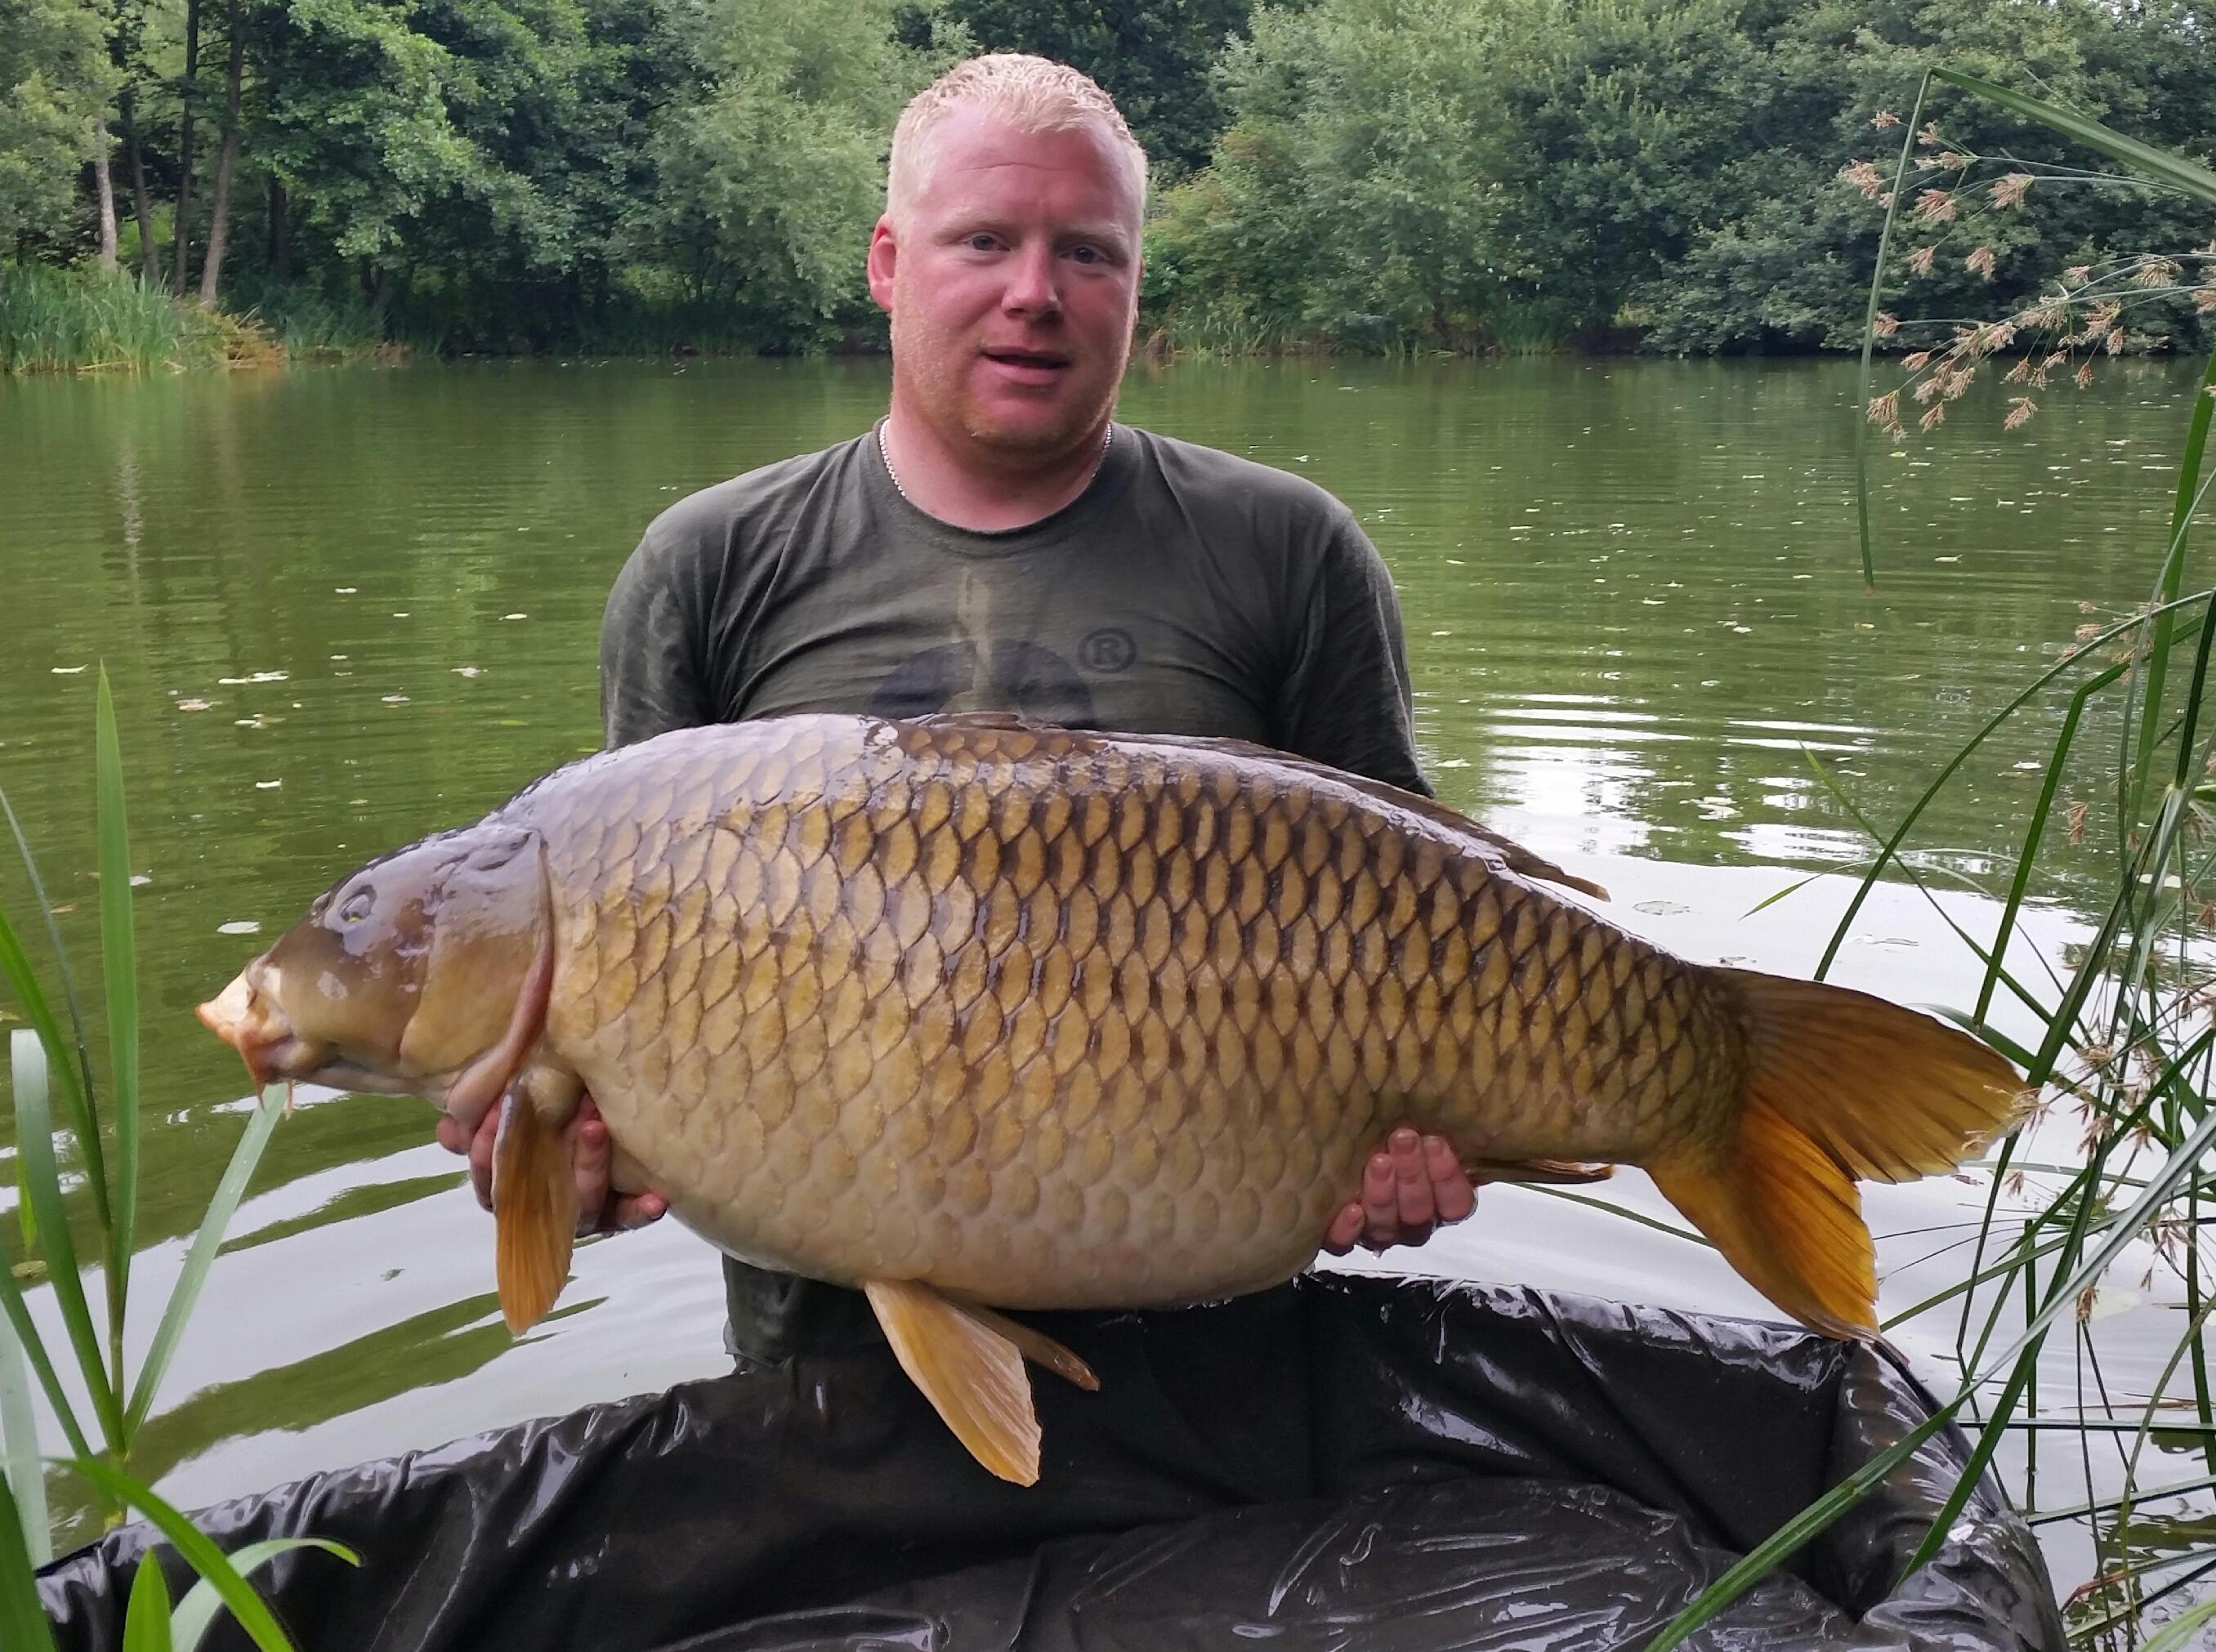 Biggest common carp in UK